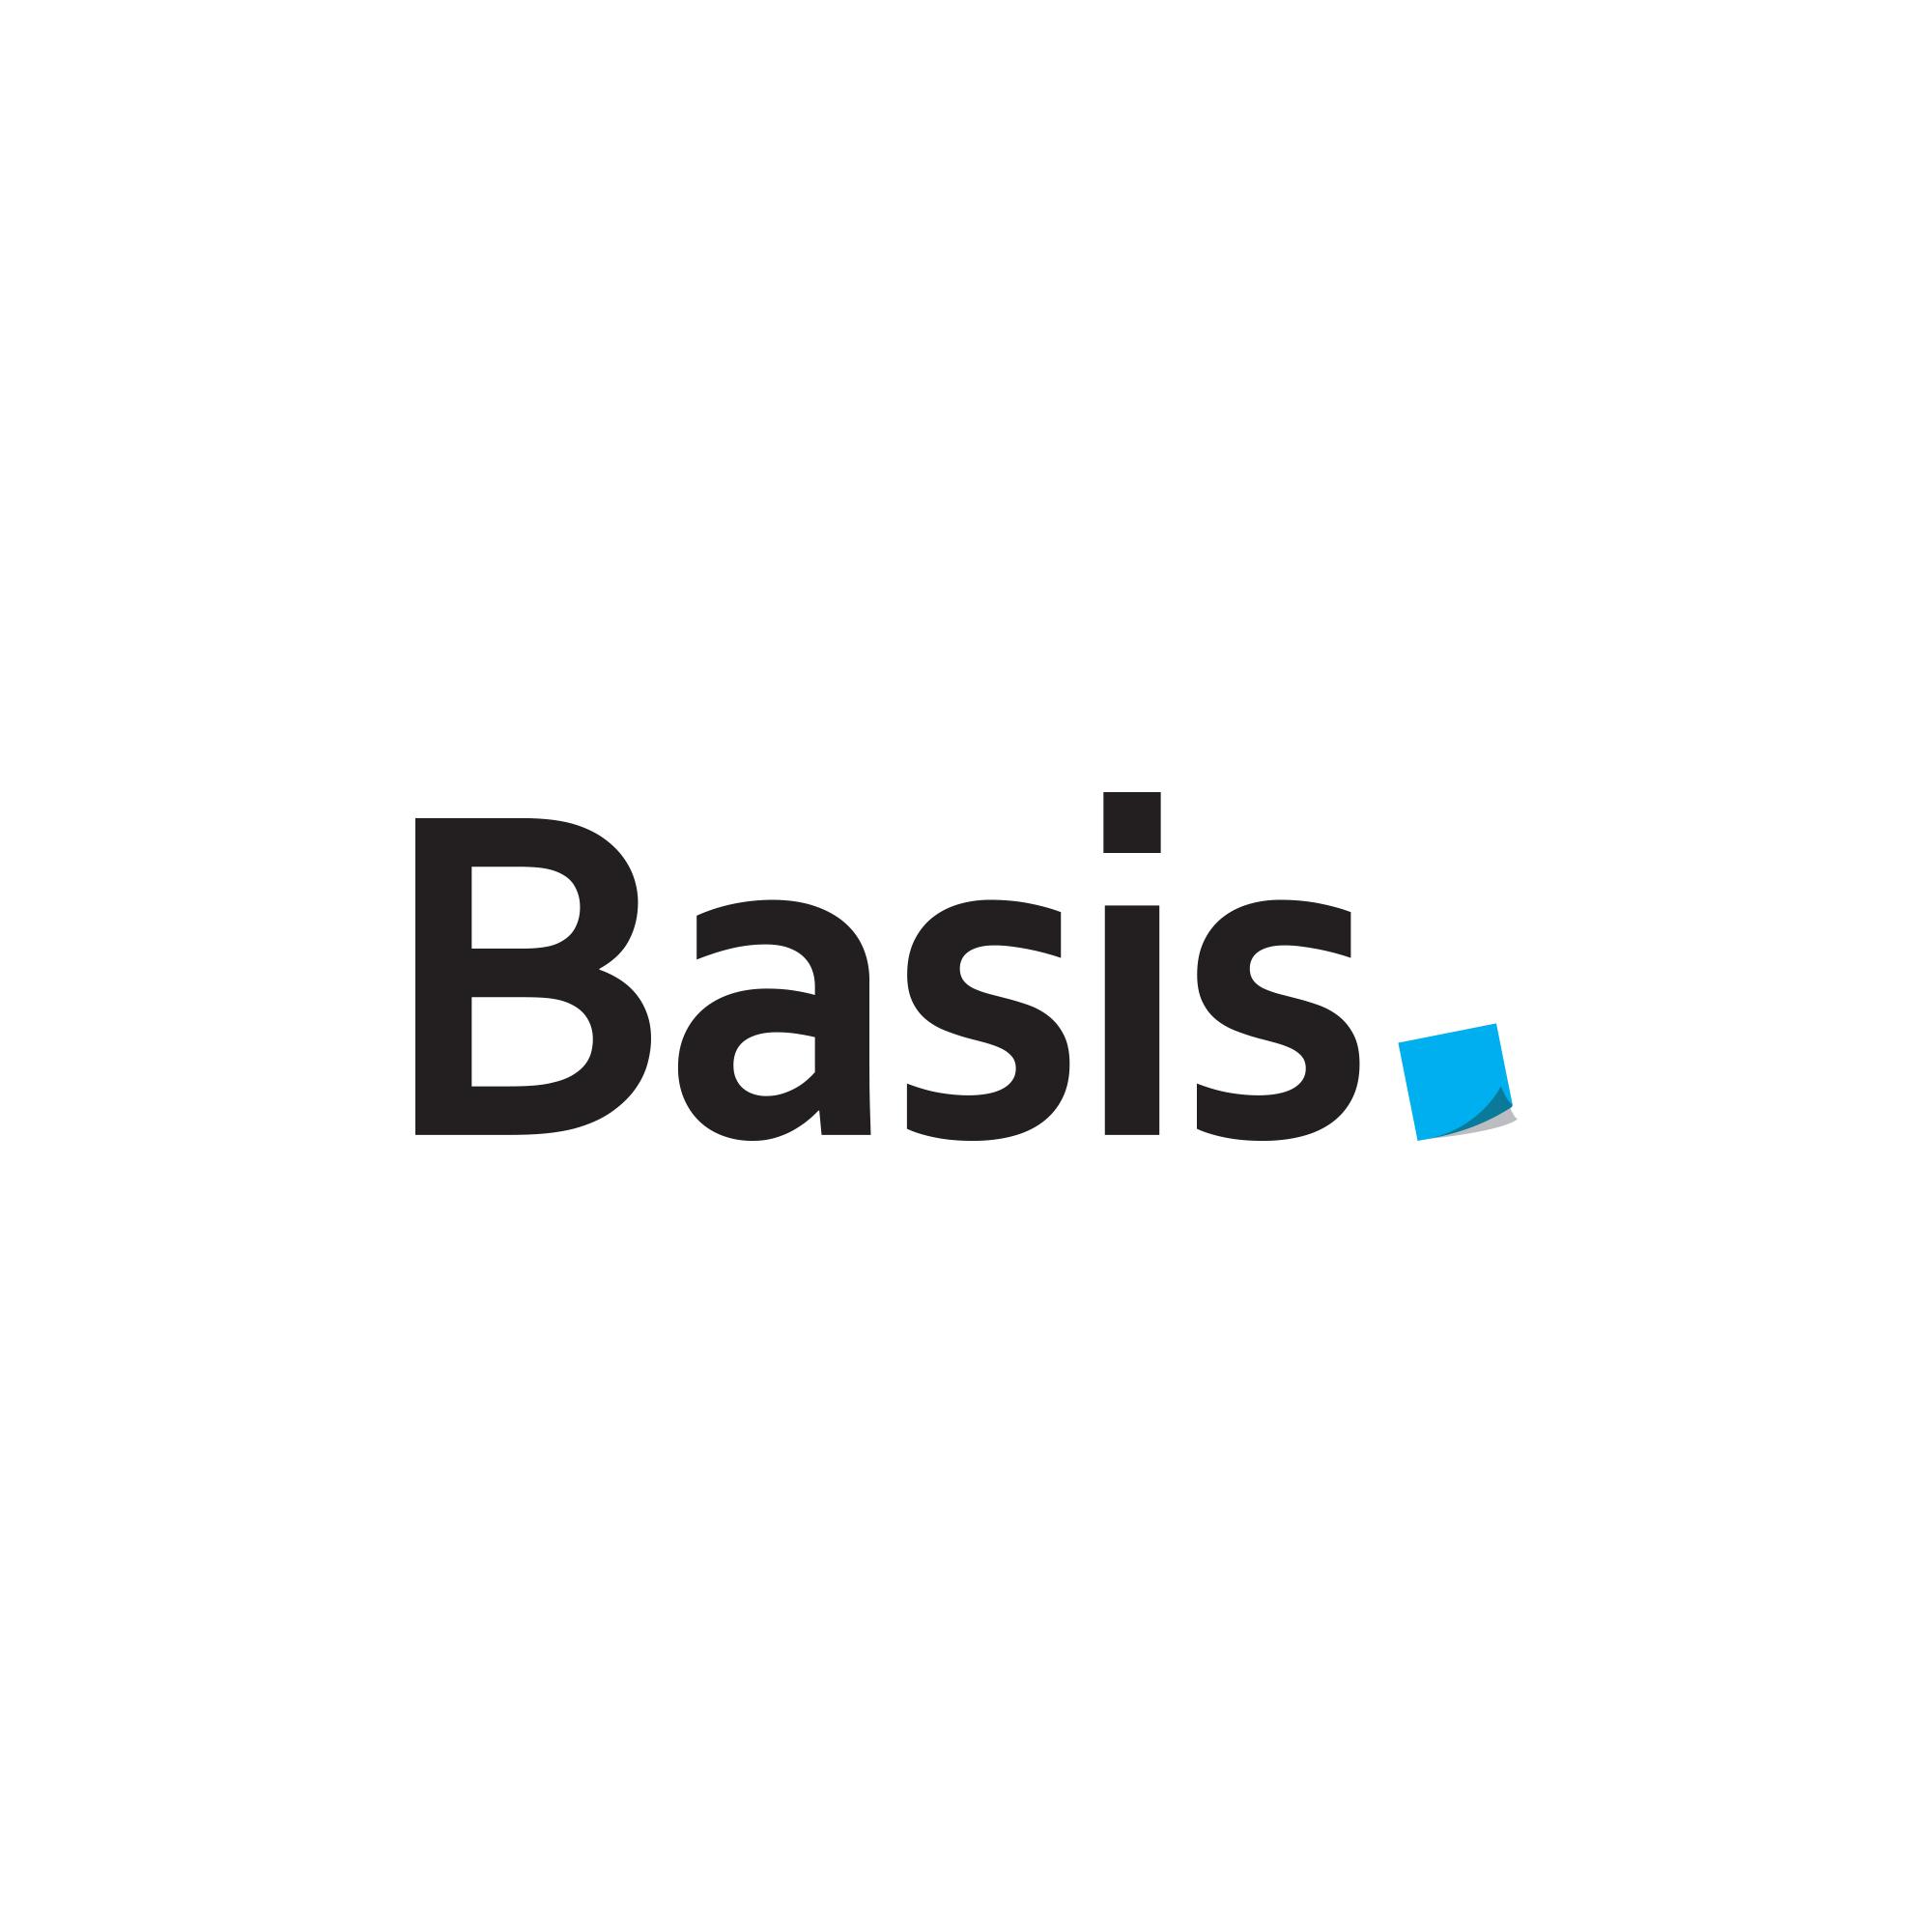 Basis main logo.jpg